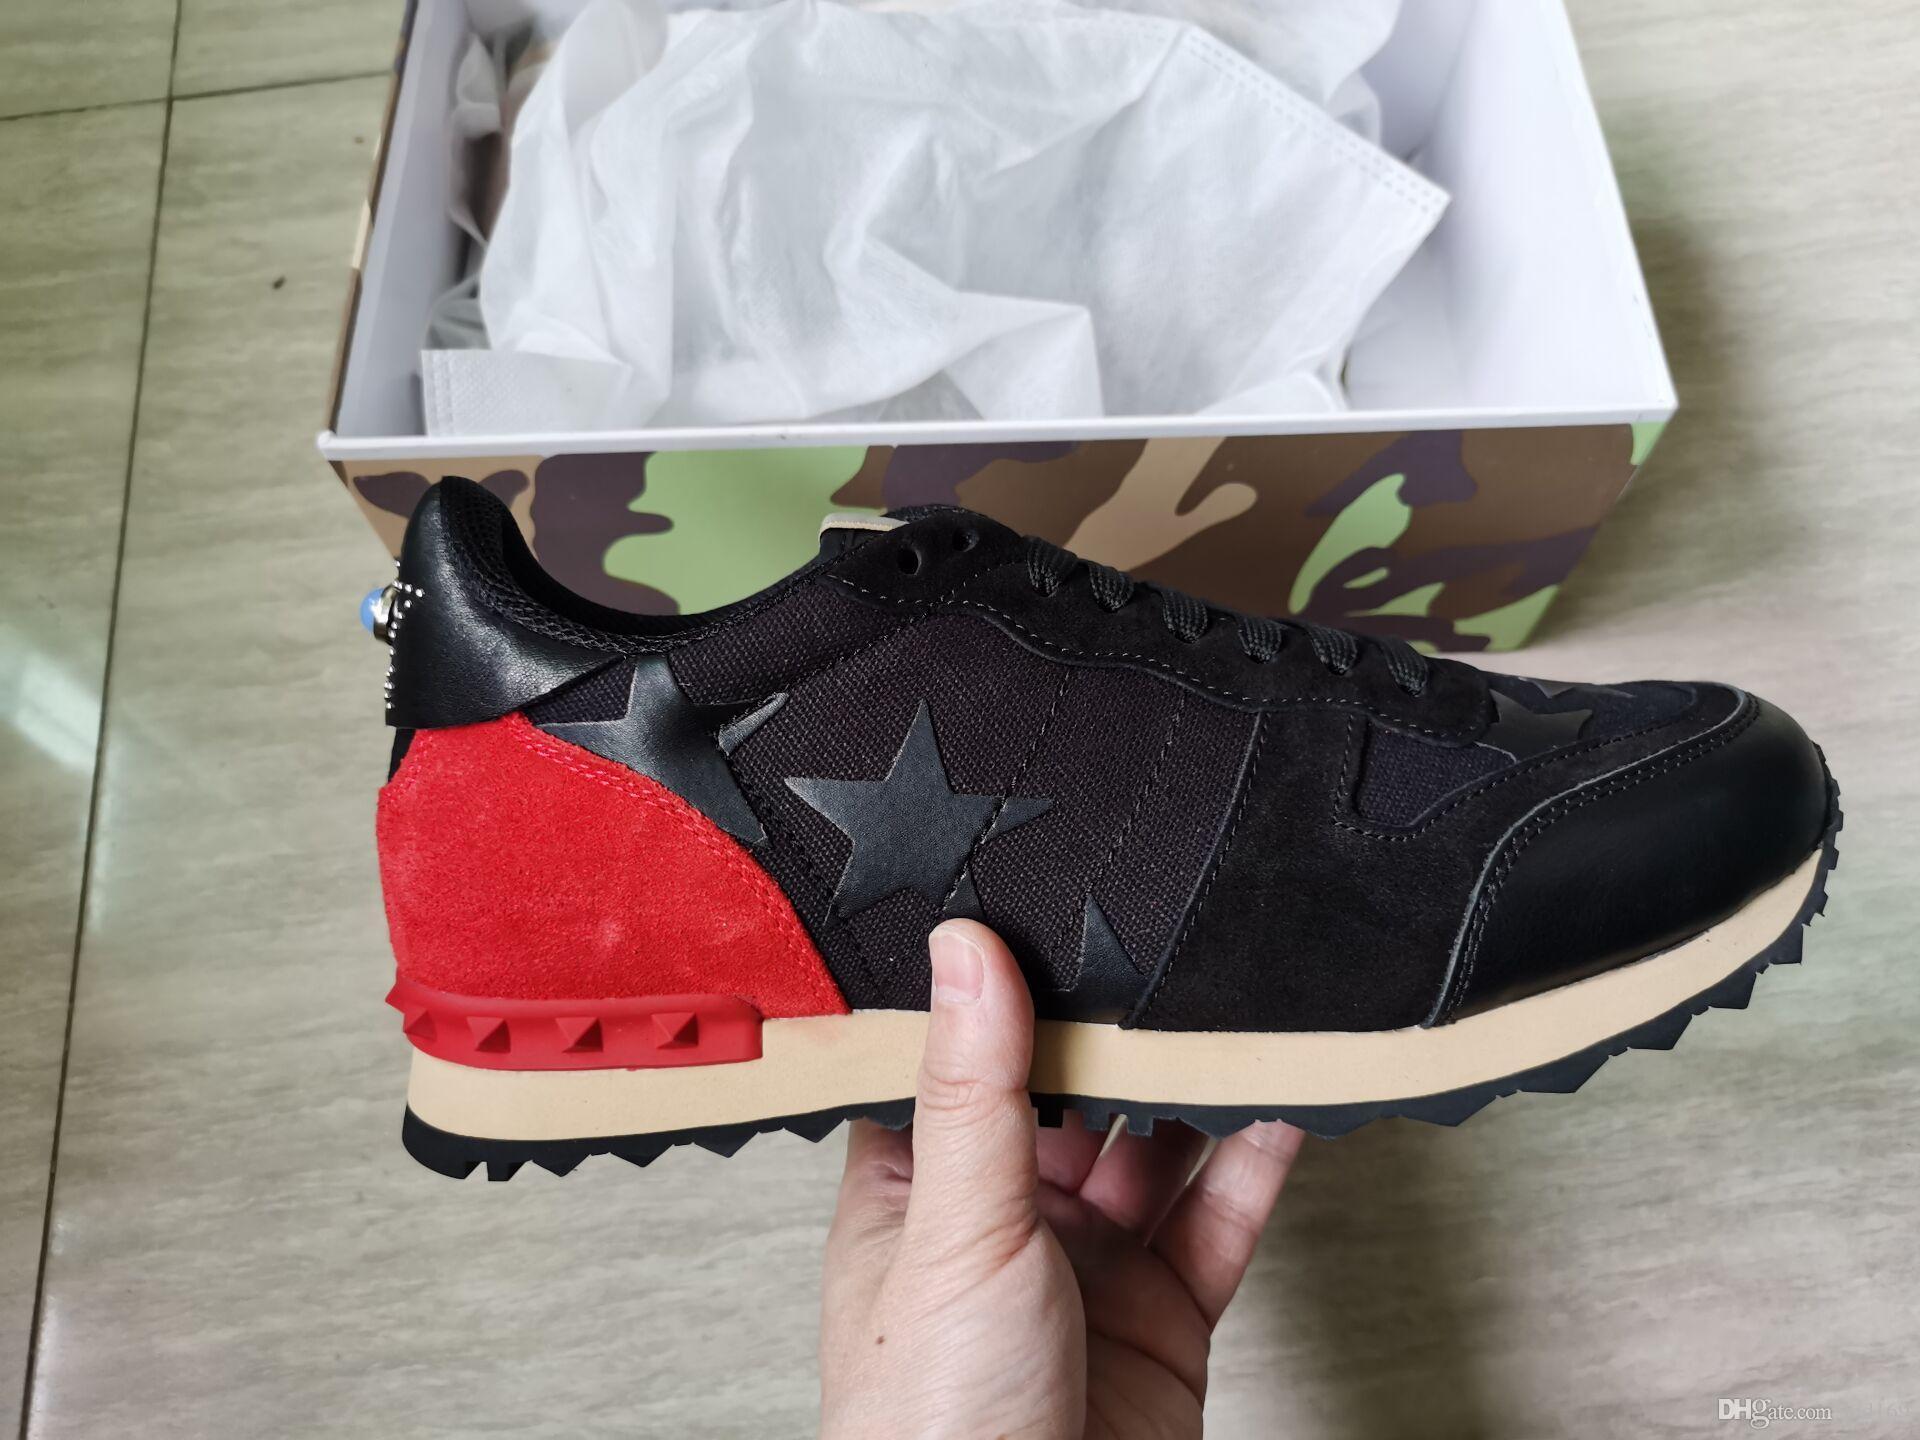 Calientes [] caja original del perno prisionero de camuflaje las zapatillas de deporte Calzado Hombres Mujeres Pisos de lujo de diseño Rockrunner Zapatos de la zapatilla casual